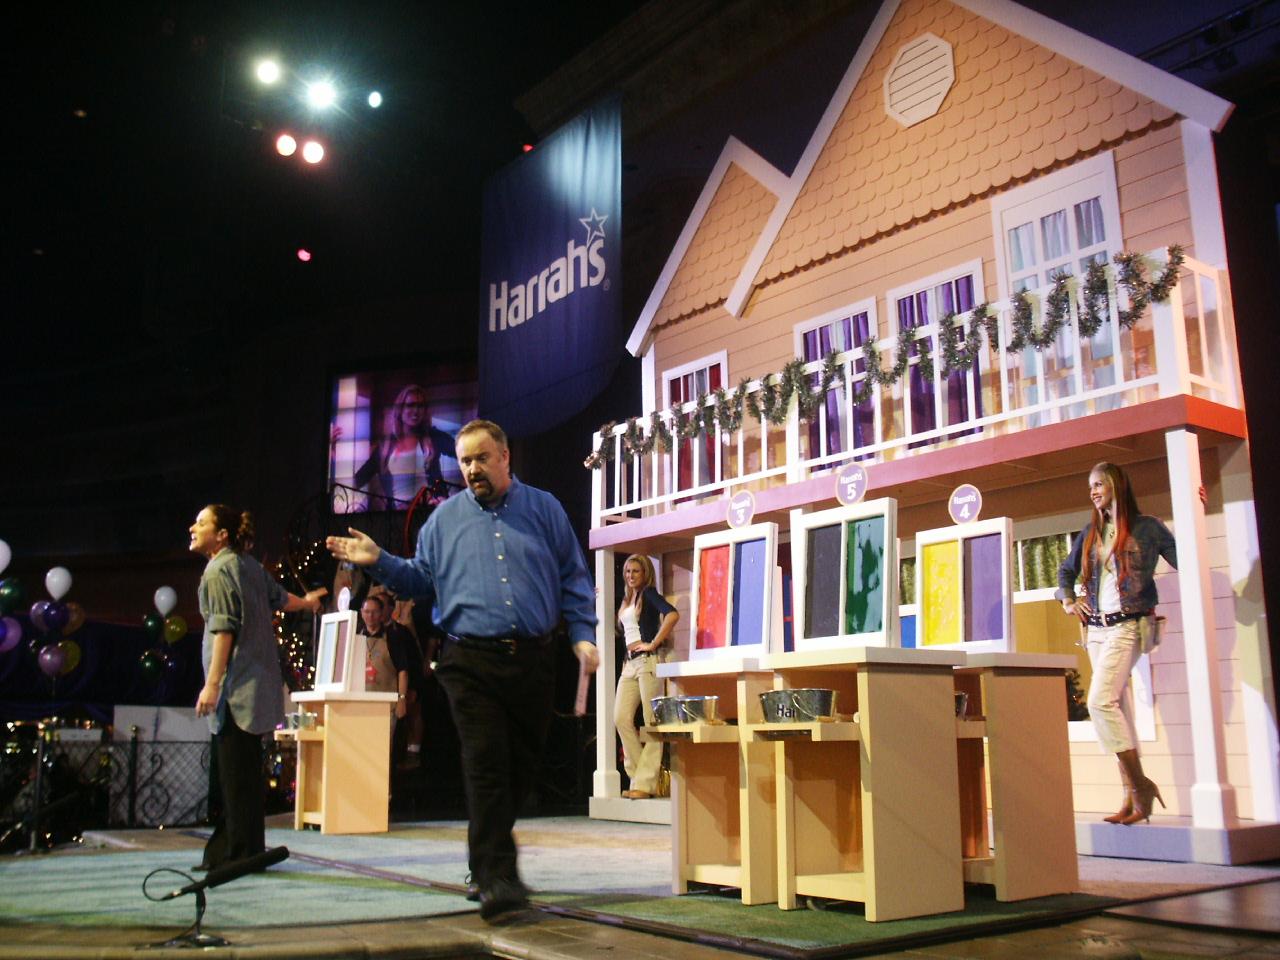 Harrah's House Promo at Rio LV